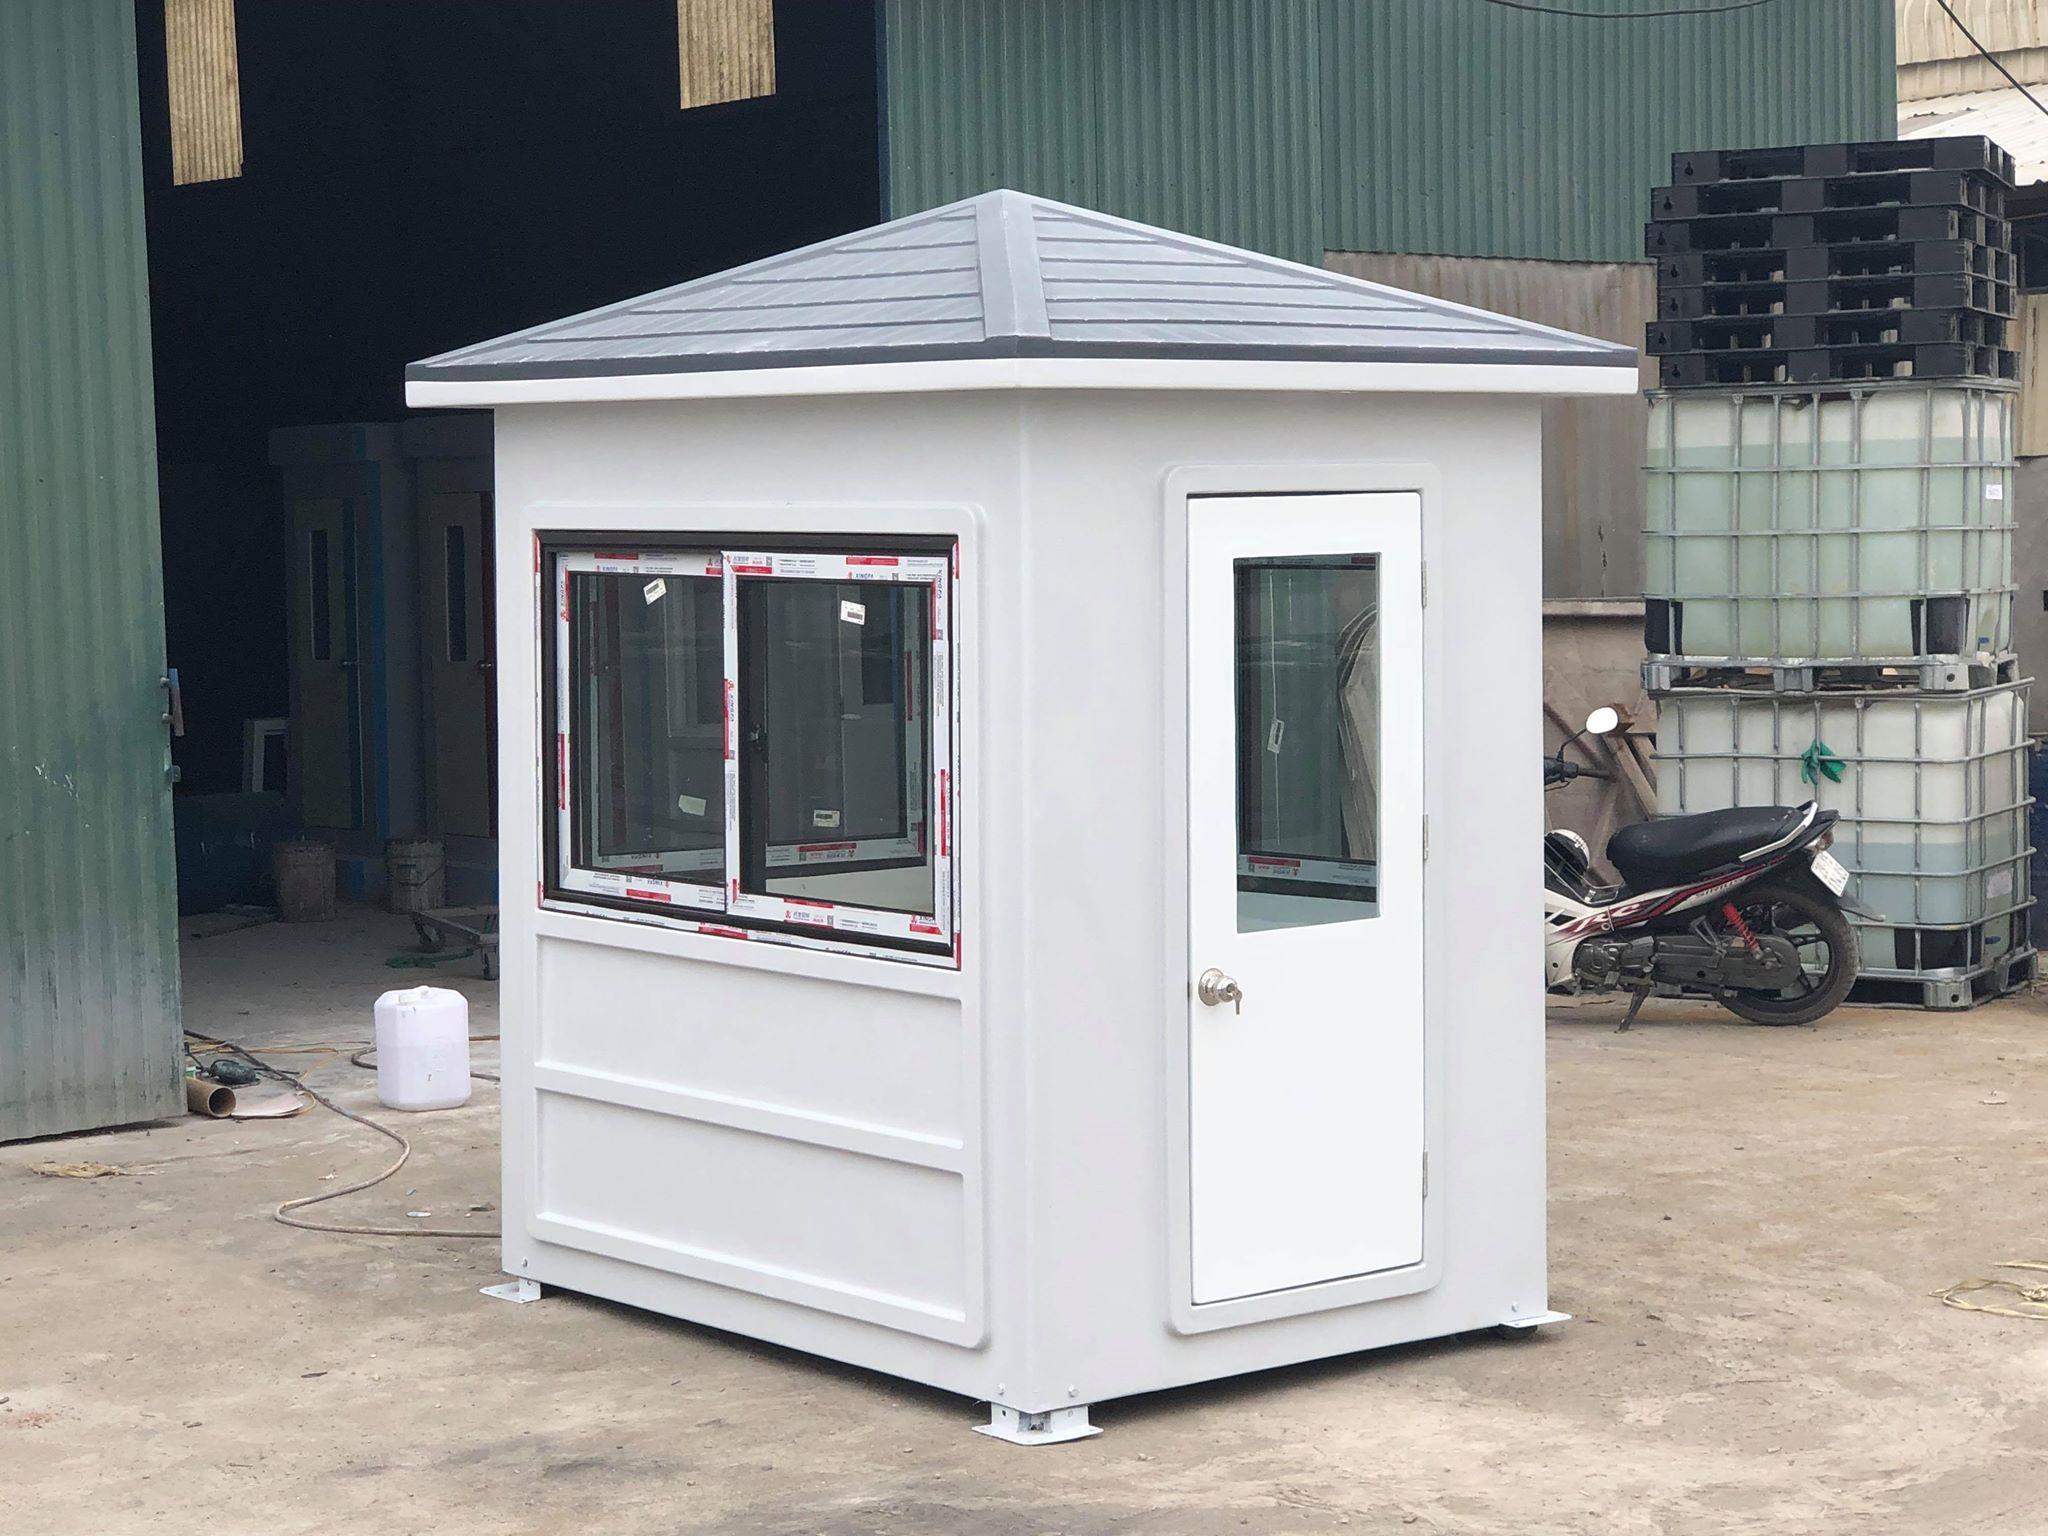 Cabin bảo vệ mái nhọn Handy trước khi xuất xưởng